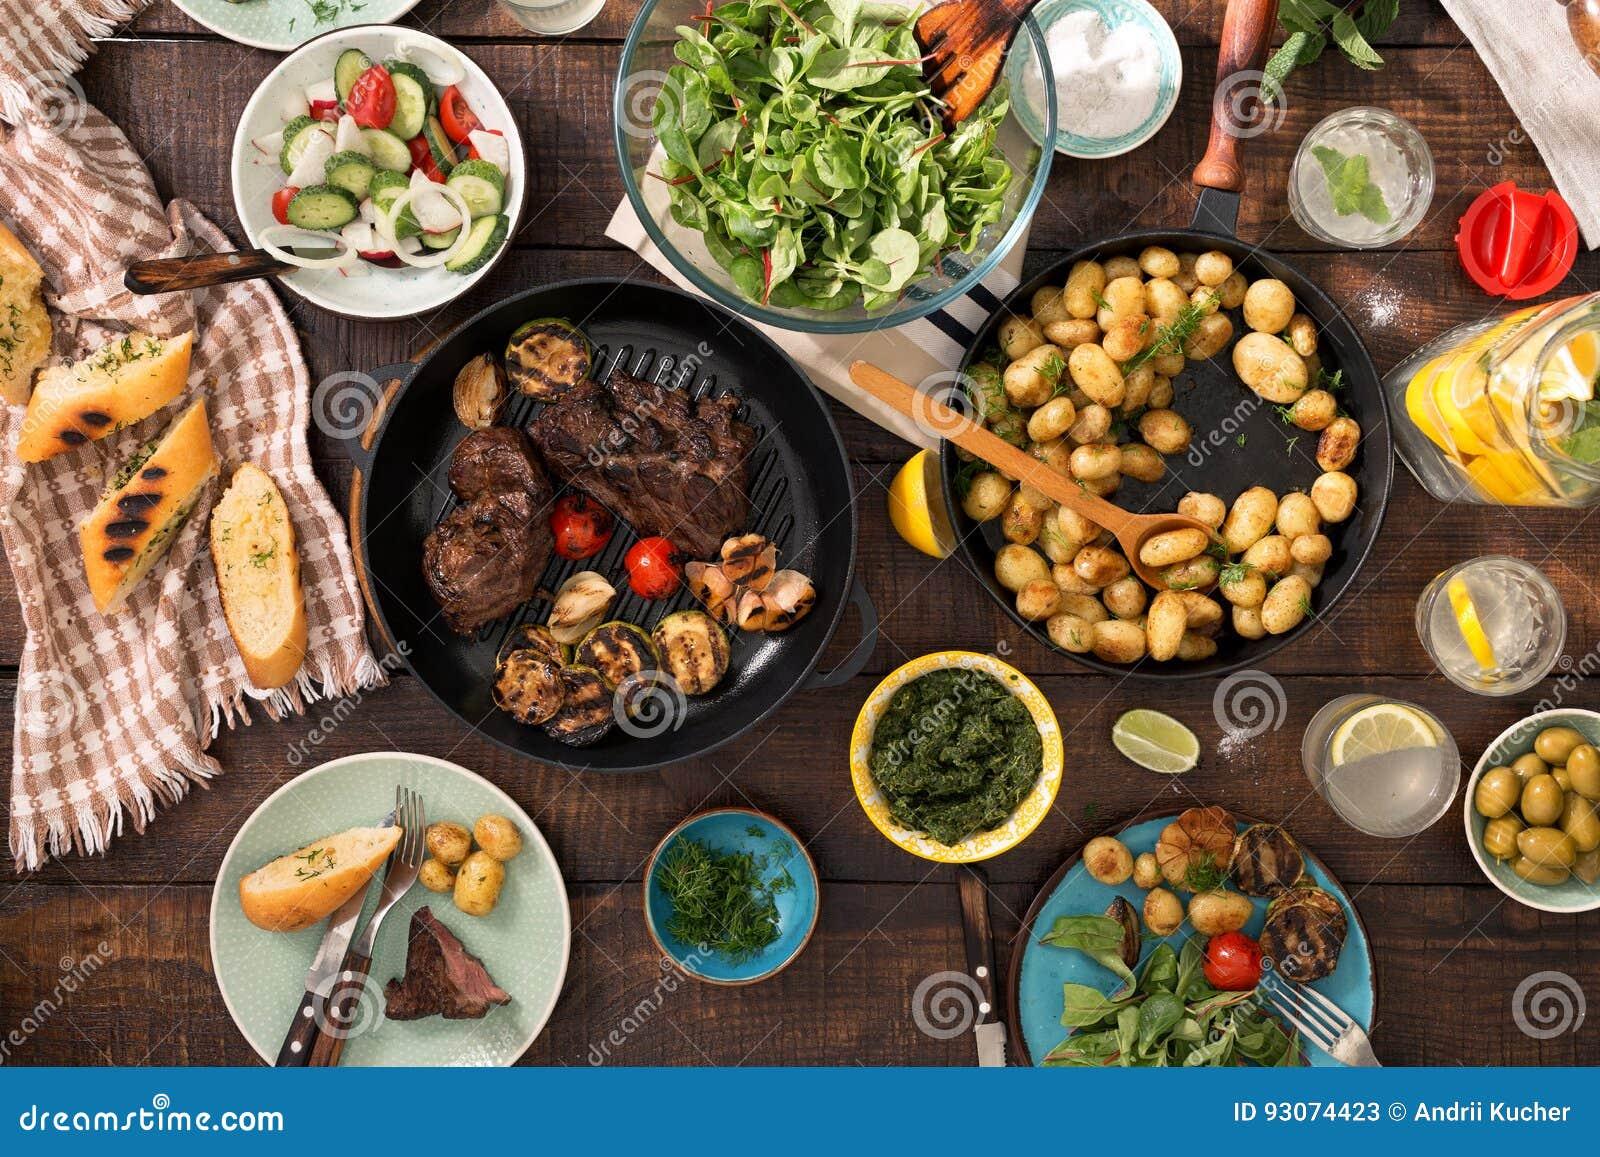 Tabela de jantar com bife grelhado, vegetais, batatas, salada, sn